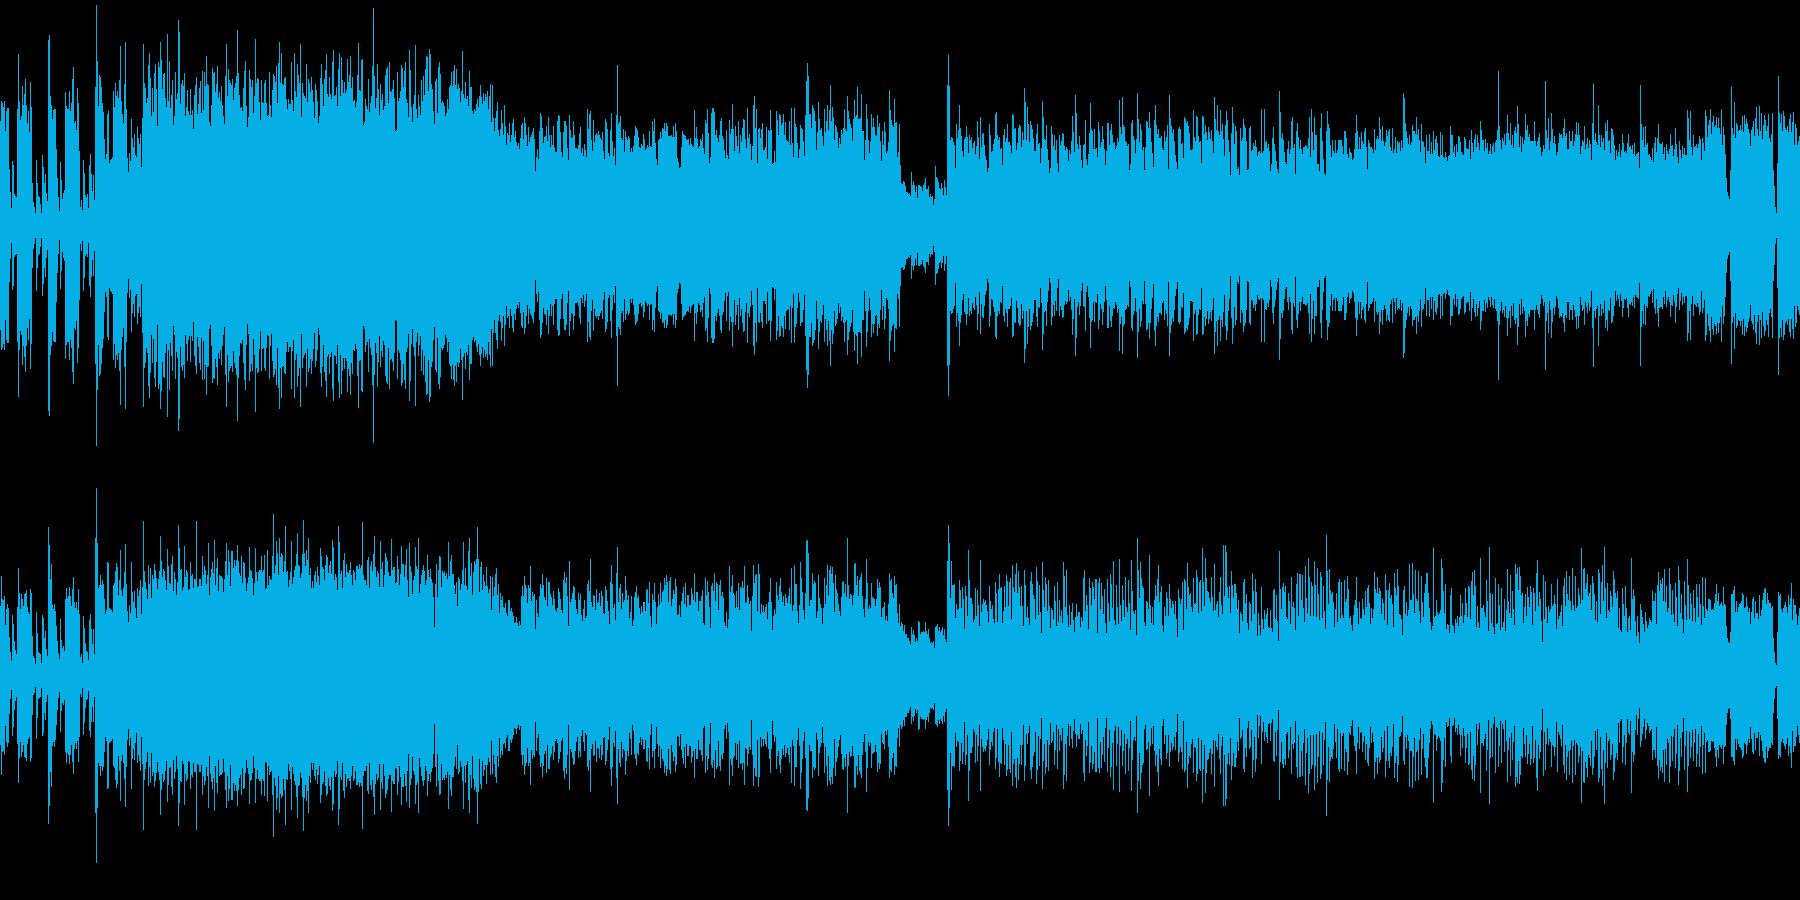 シャープでエッジの効いたハードロックの再生済みの波形